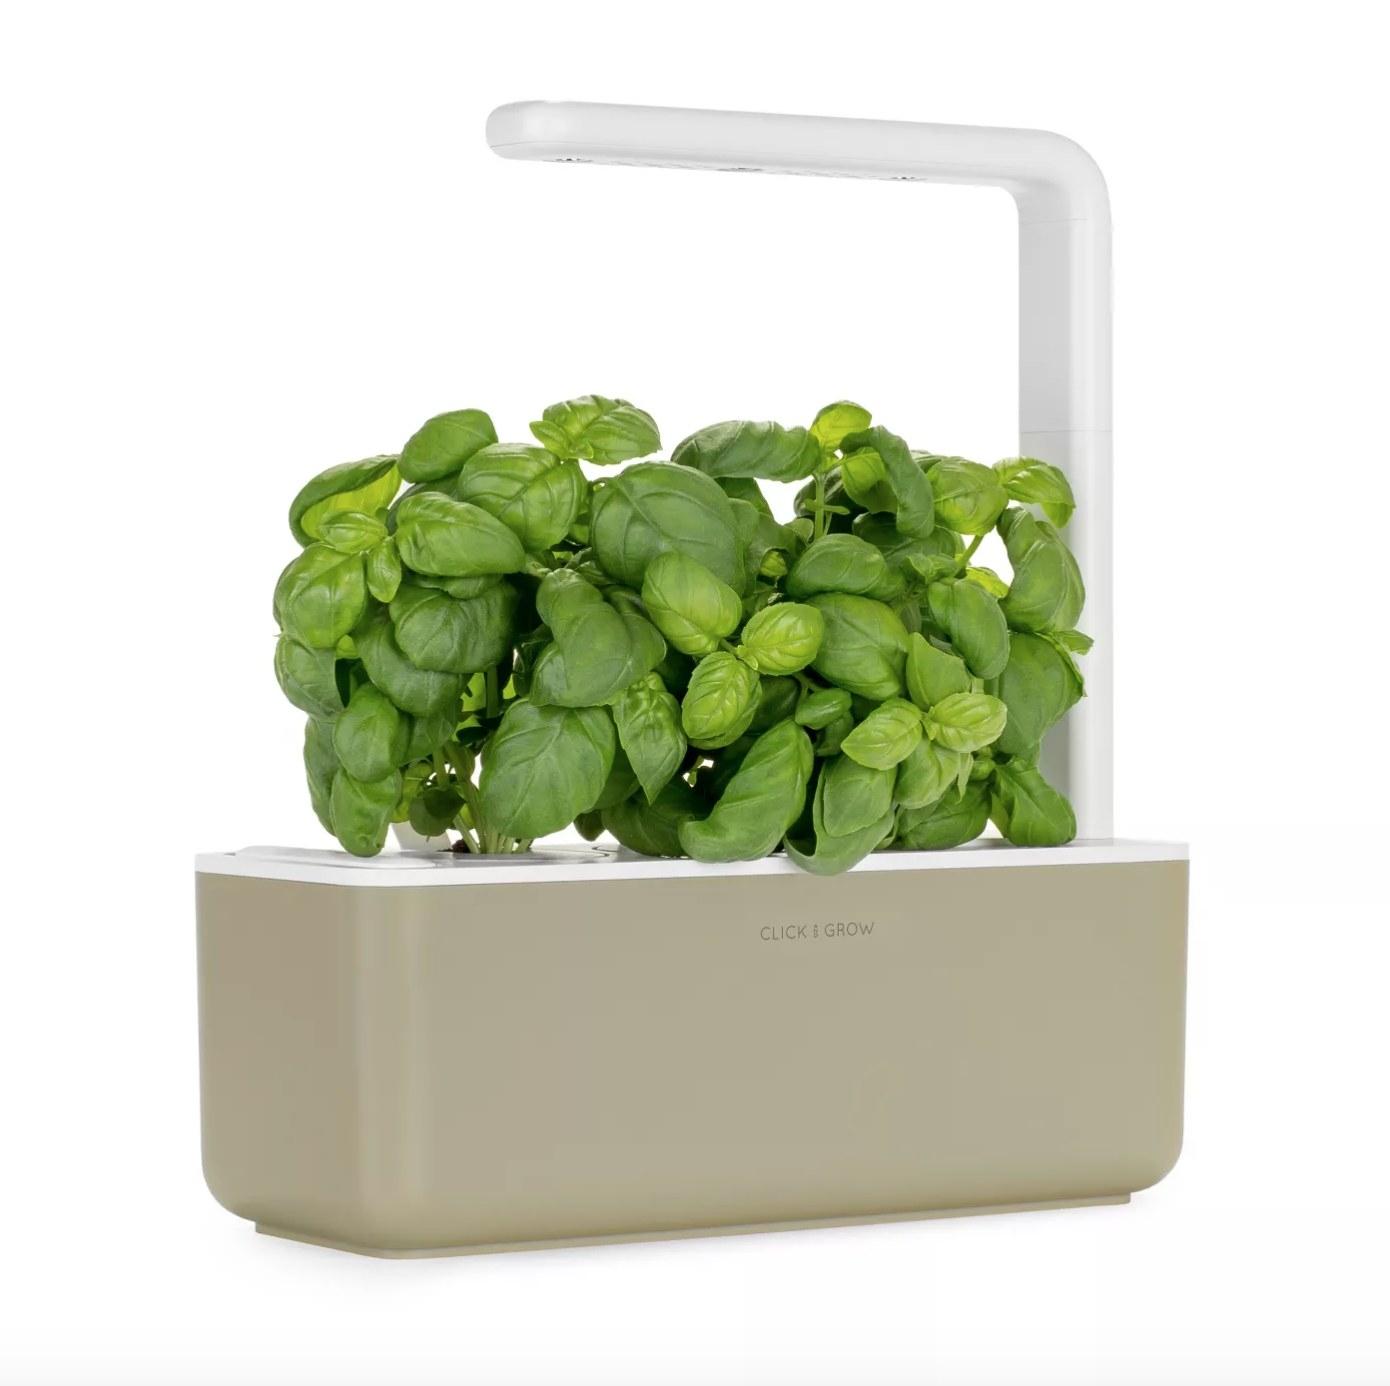 Beige smart garden with green plants